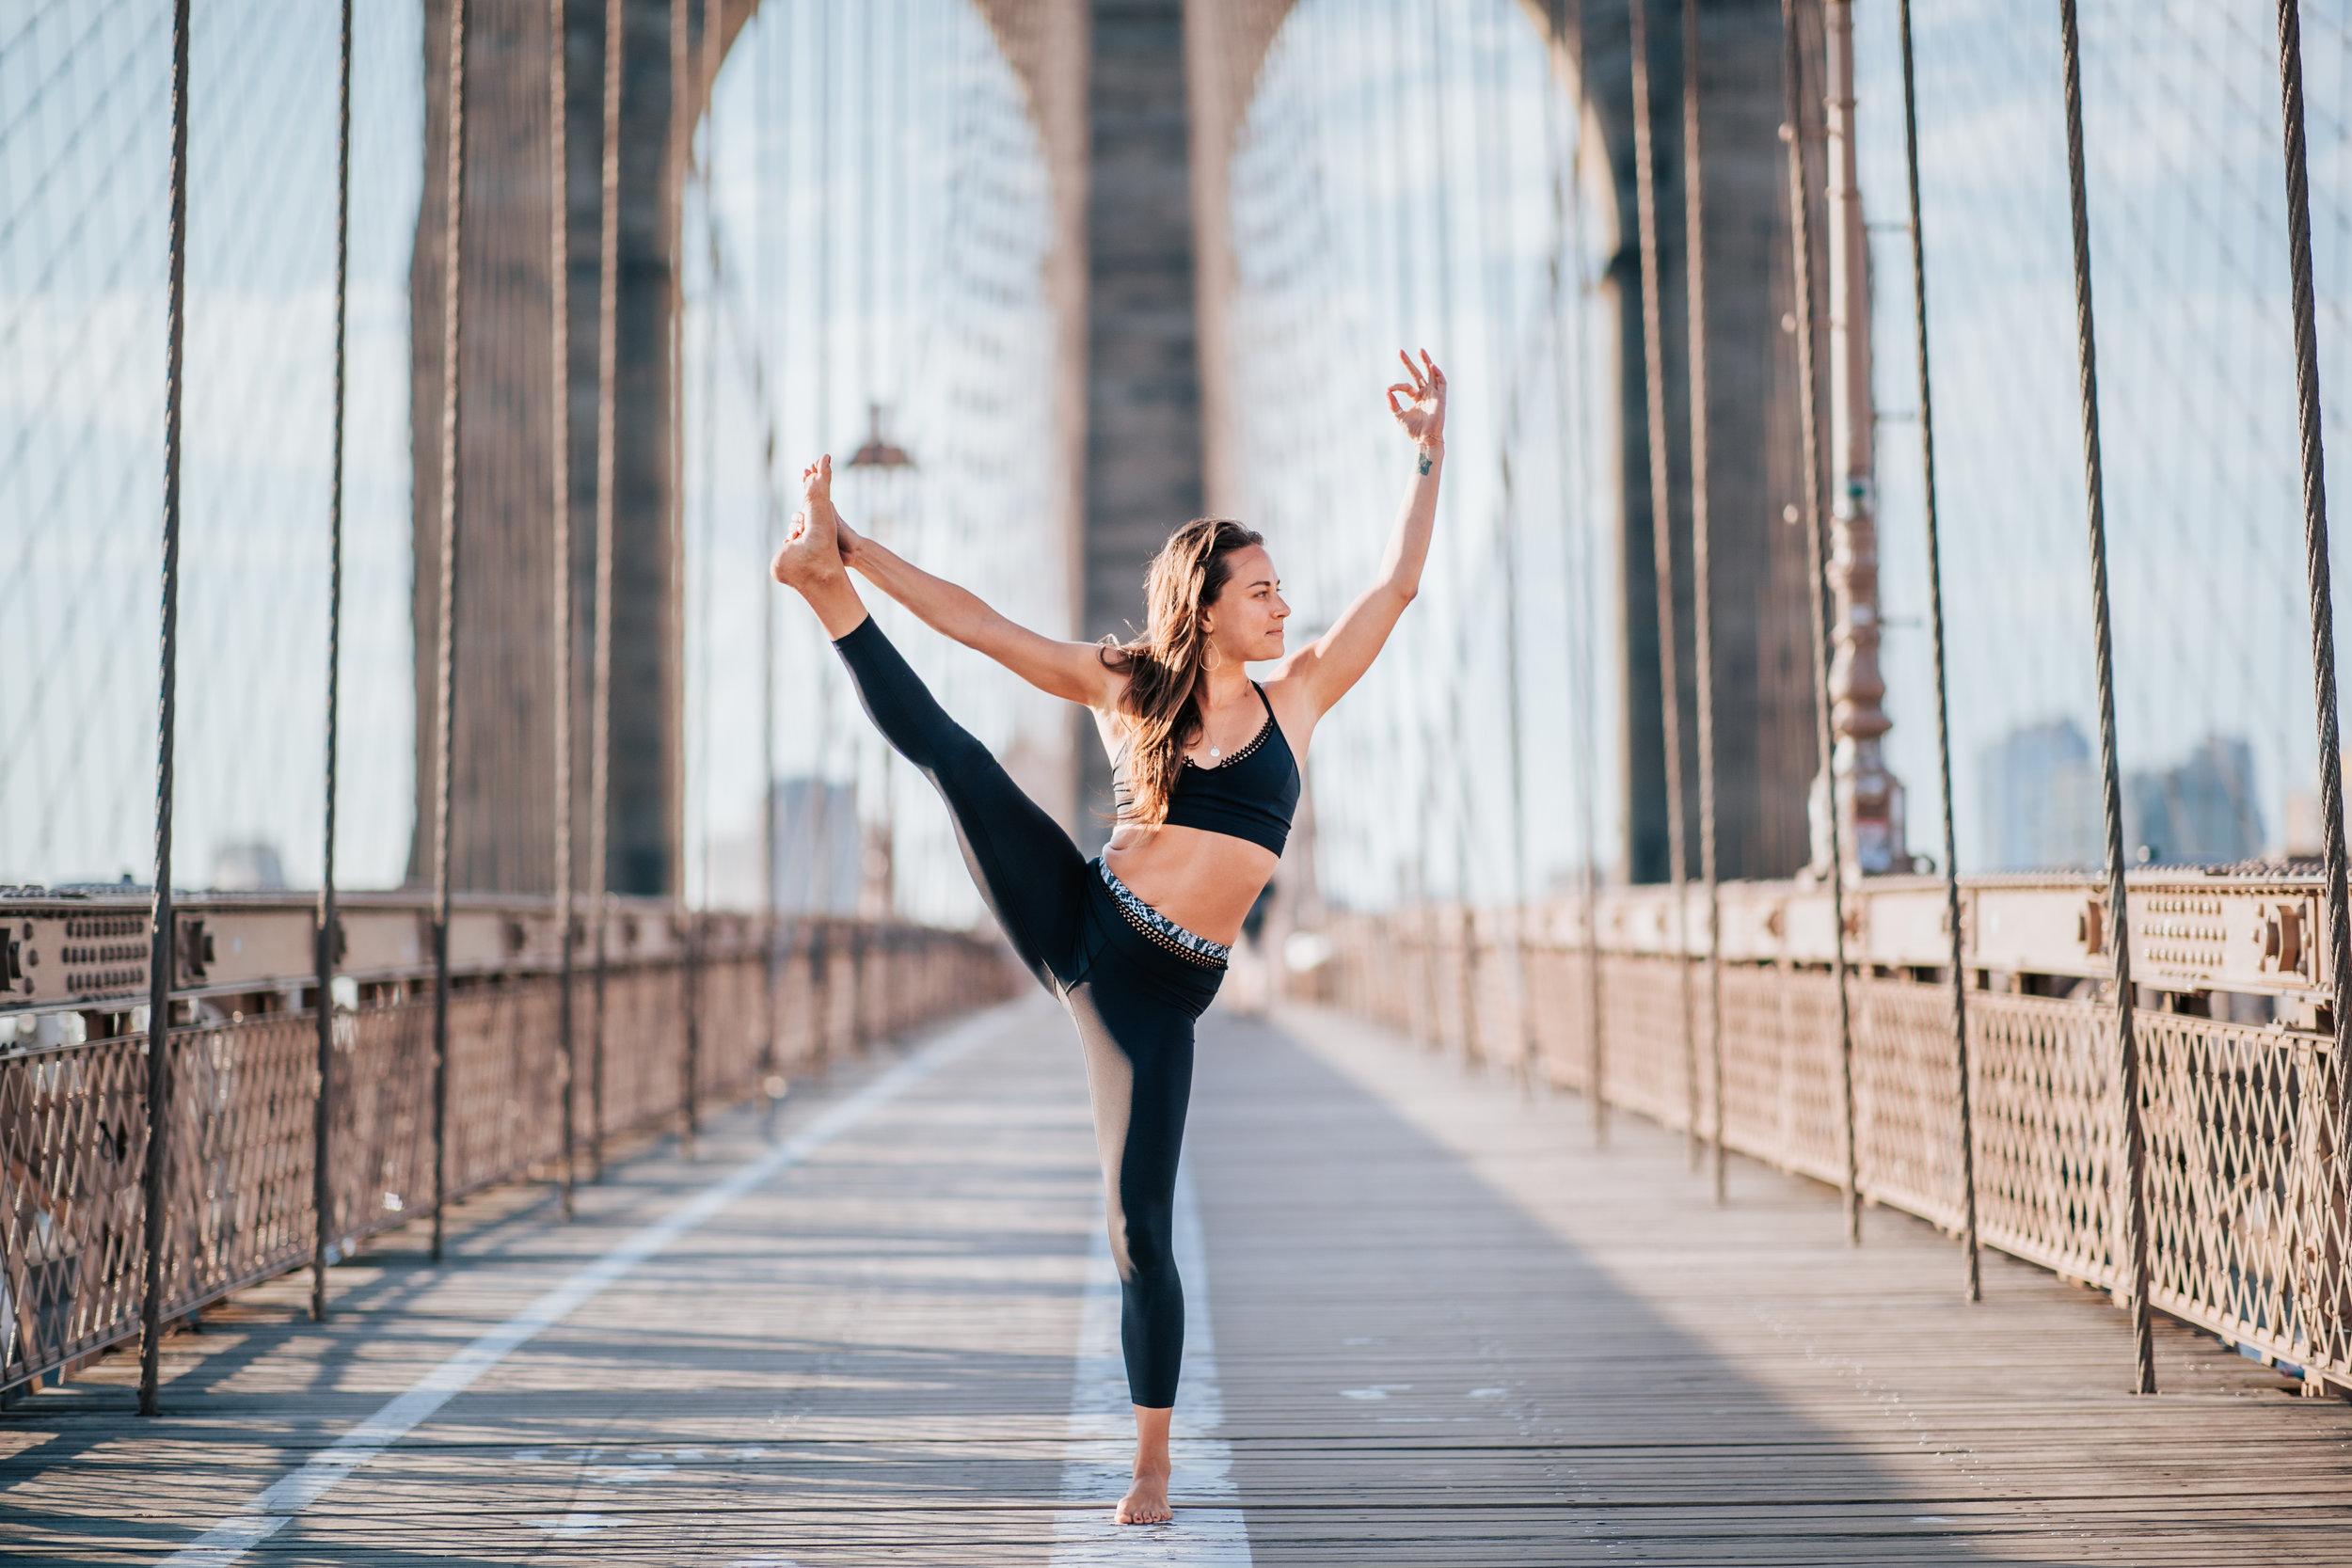 Elaine_Moen_Yoga (24 of 26).jpg